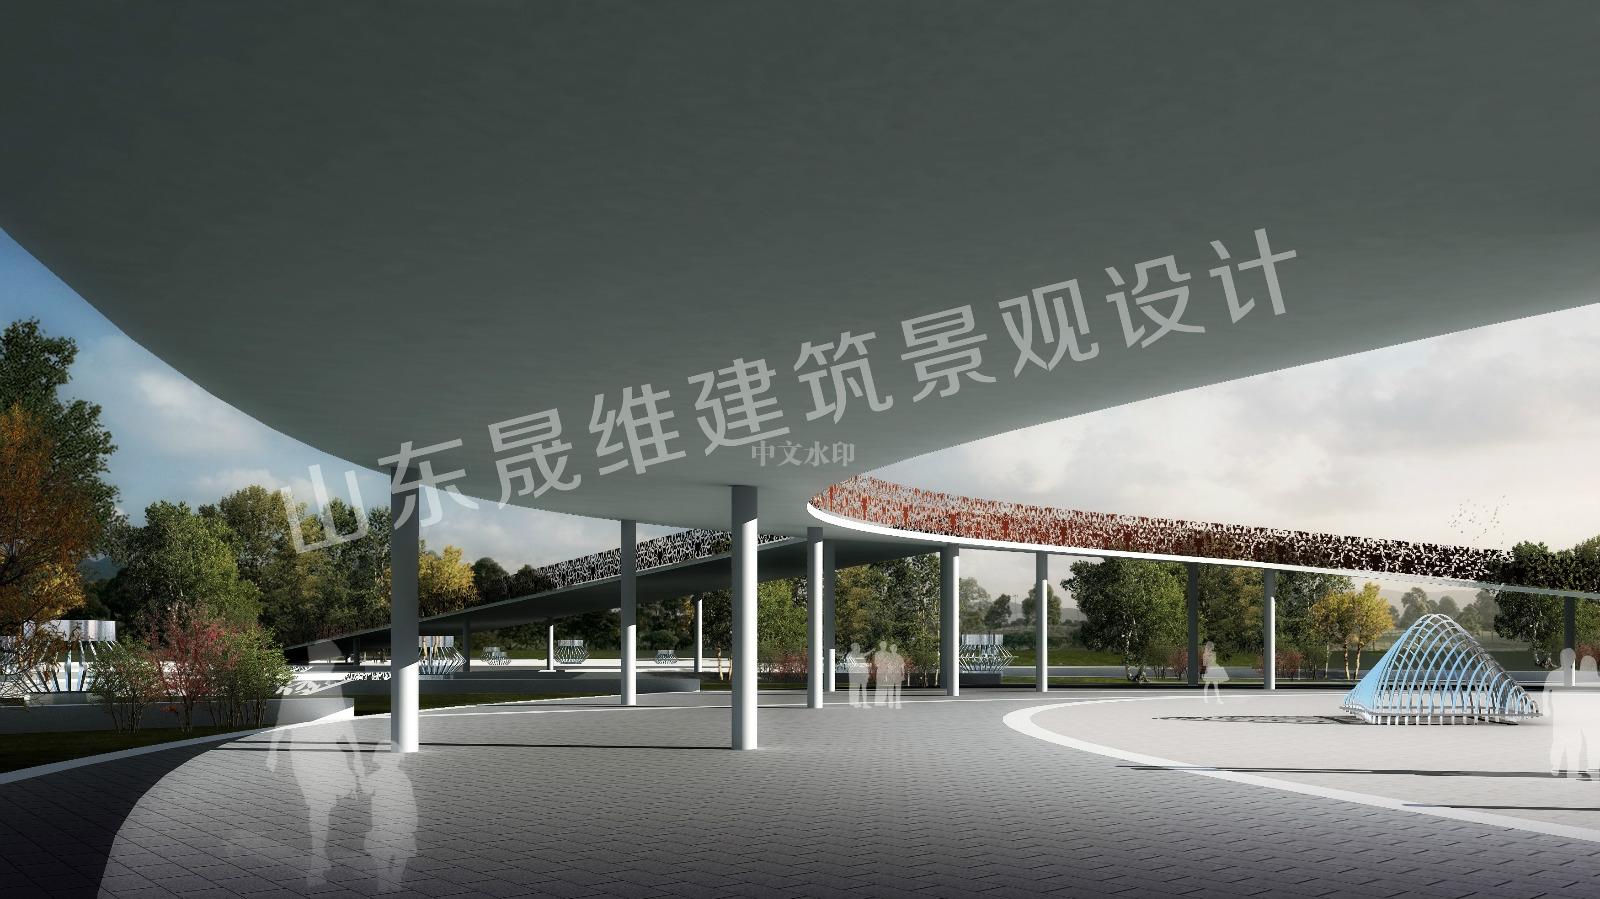 曲阜广场设计图